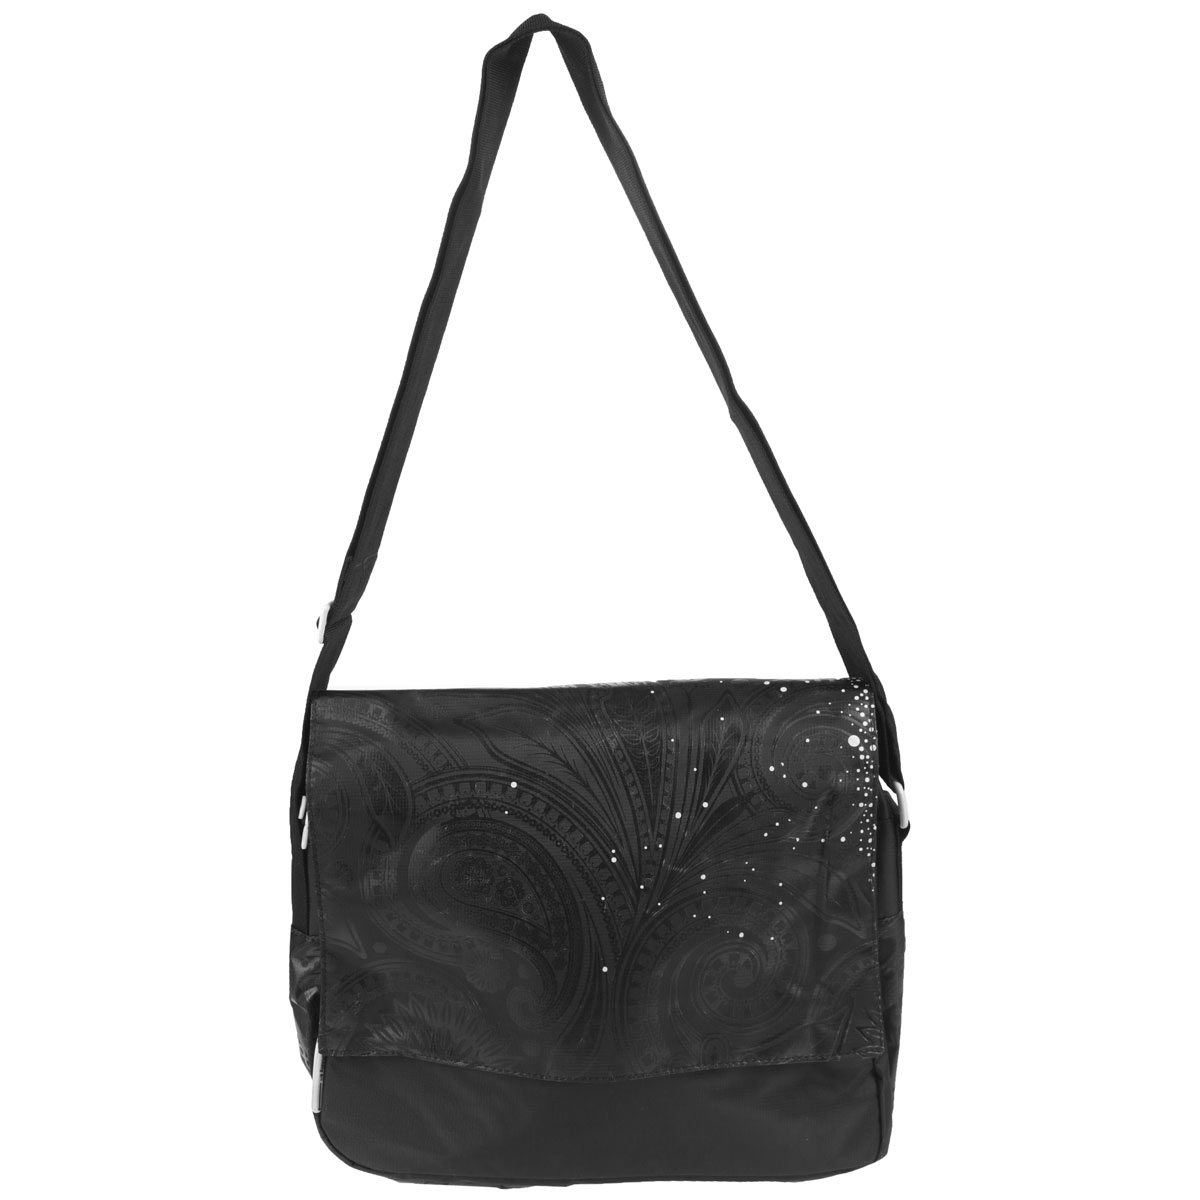 Сумка молодежная Grizzly, цвет: черный. MD-430-2MD-430-2/1Молодежная сумка с двумя отделениями, клапаном, плоскими карманами на передней и задней стенках, внутренним карманом, с регулируемым плечевым ремнем